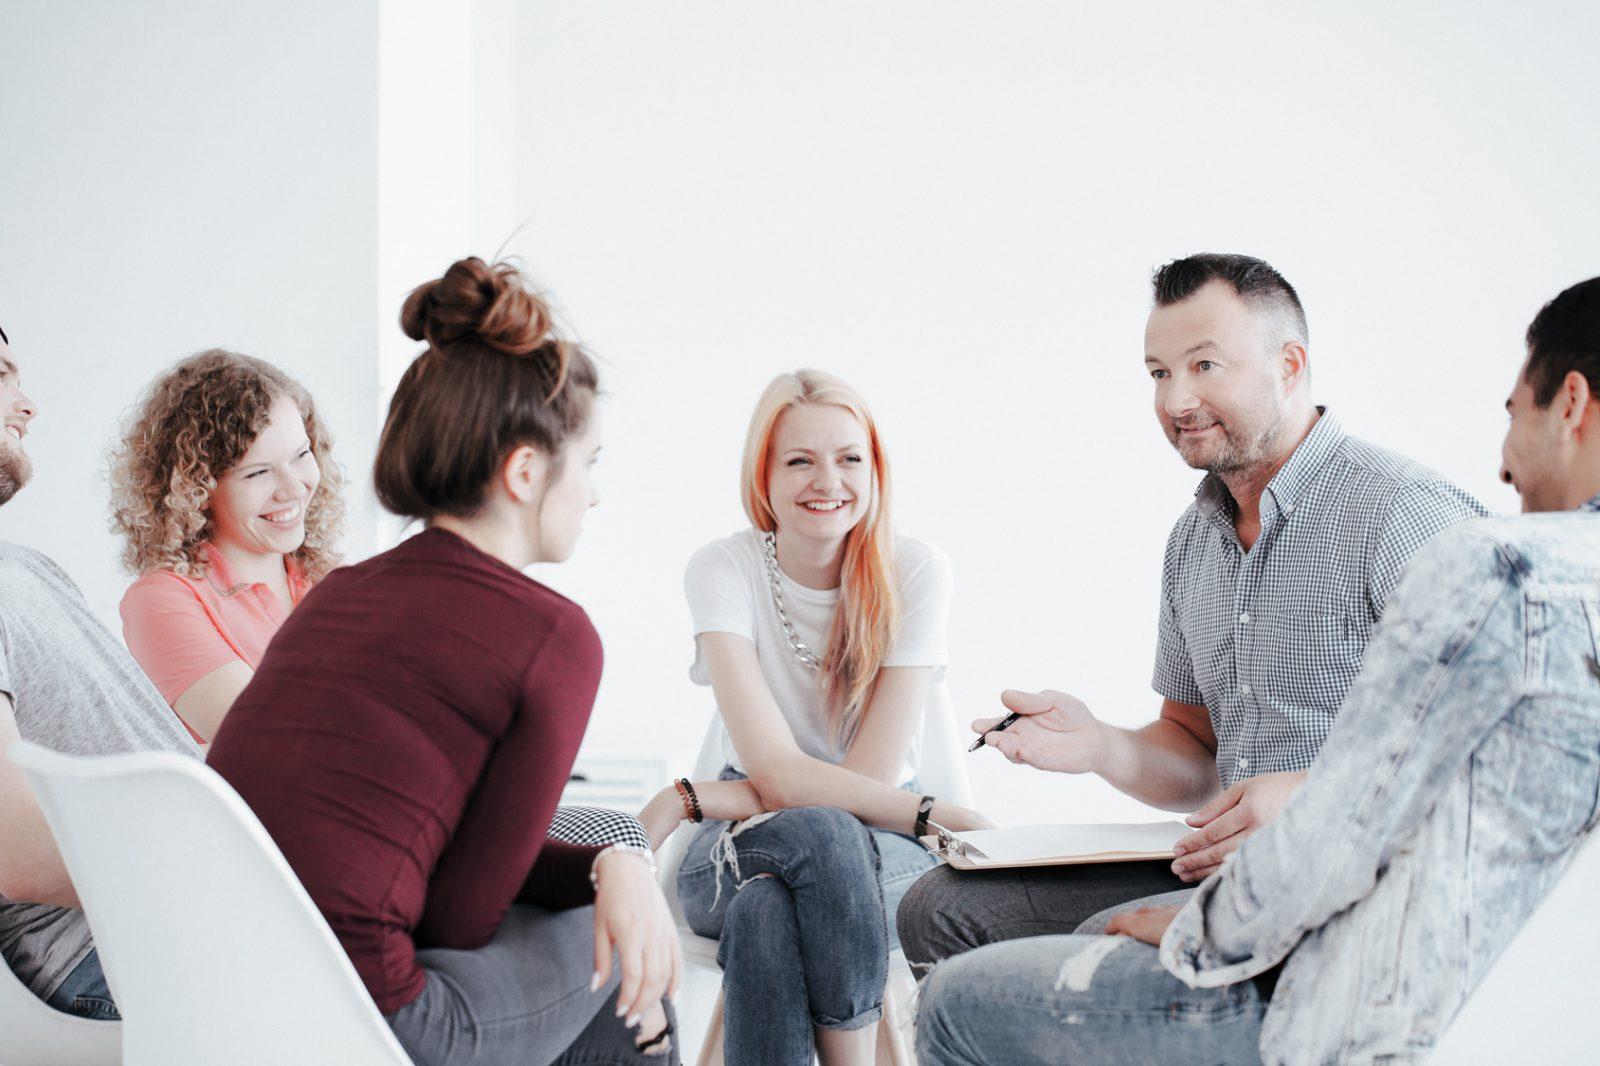 ryhmä nuoria henkilöitä kuuntelemassa ja keskustelemassa kokemustoimijan kanssa istuen ympyränmuotoisessa piirissä